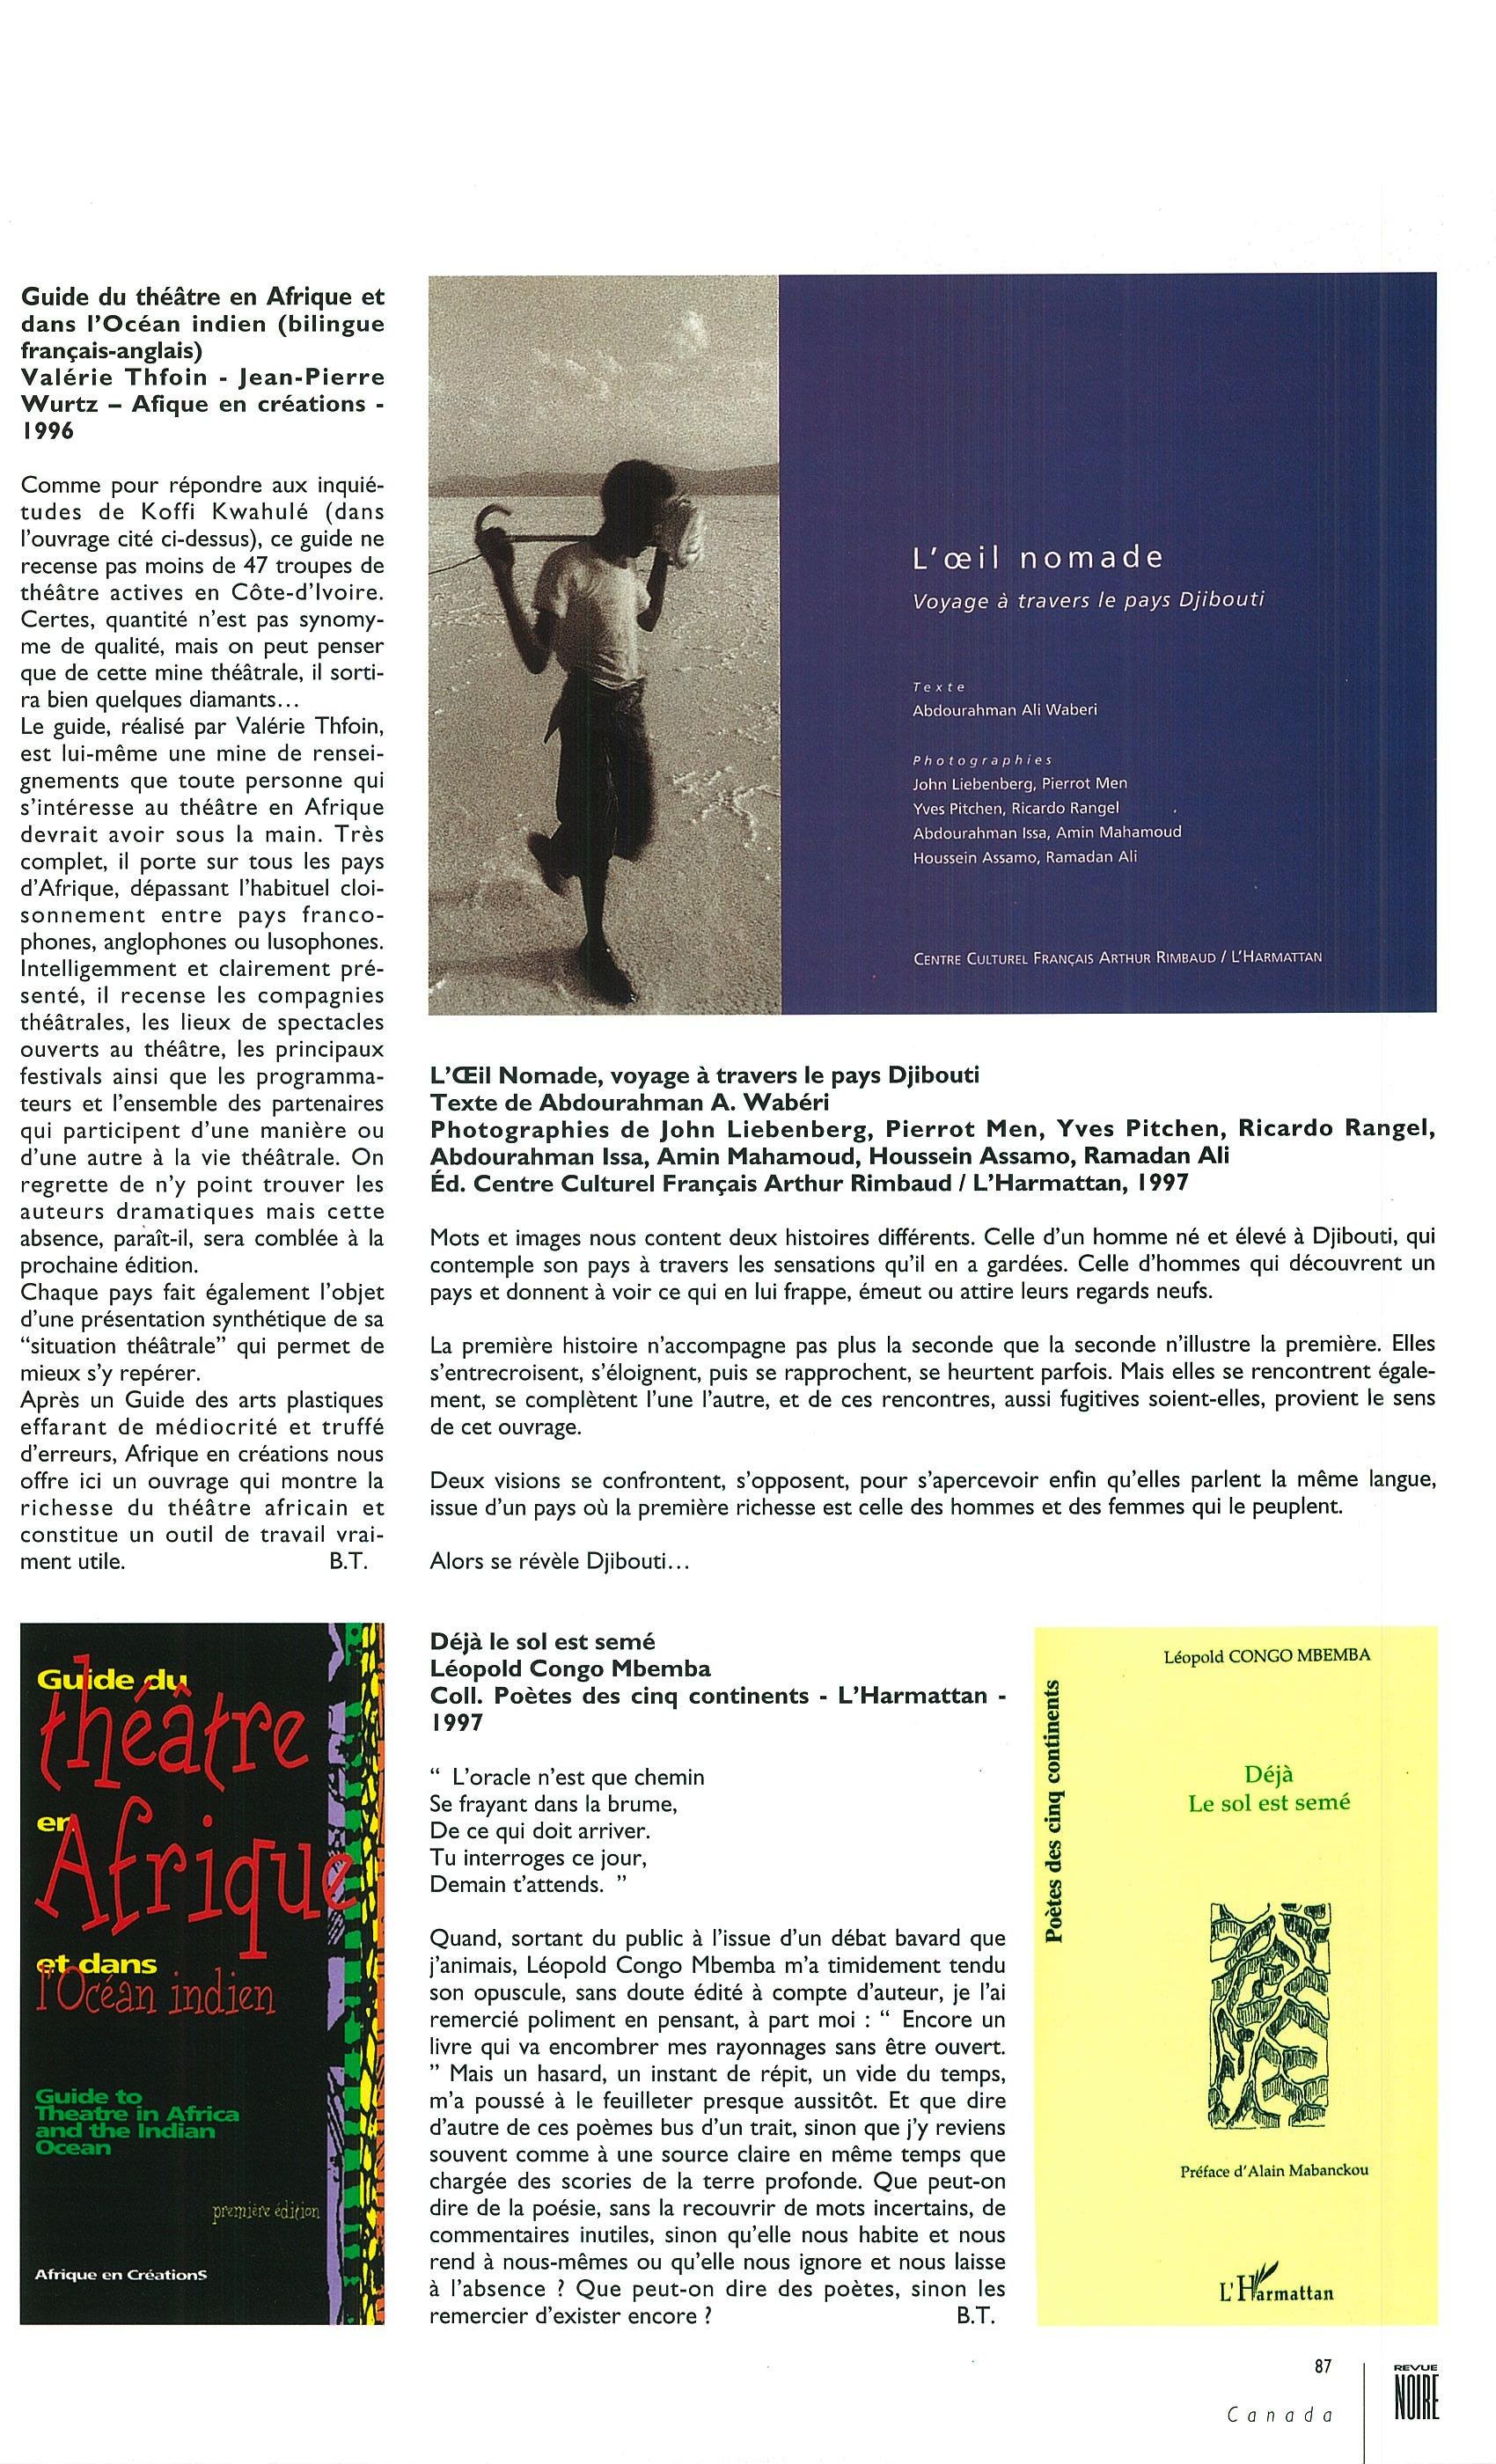 2. Revue Noire book_Page_089